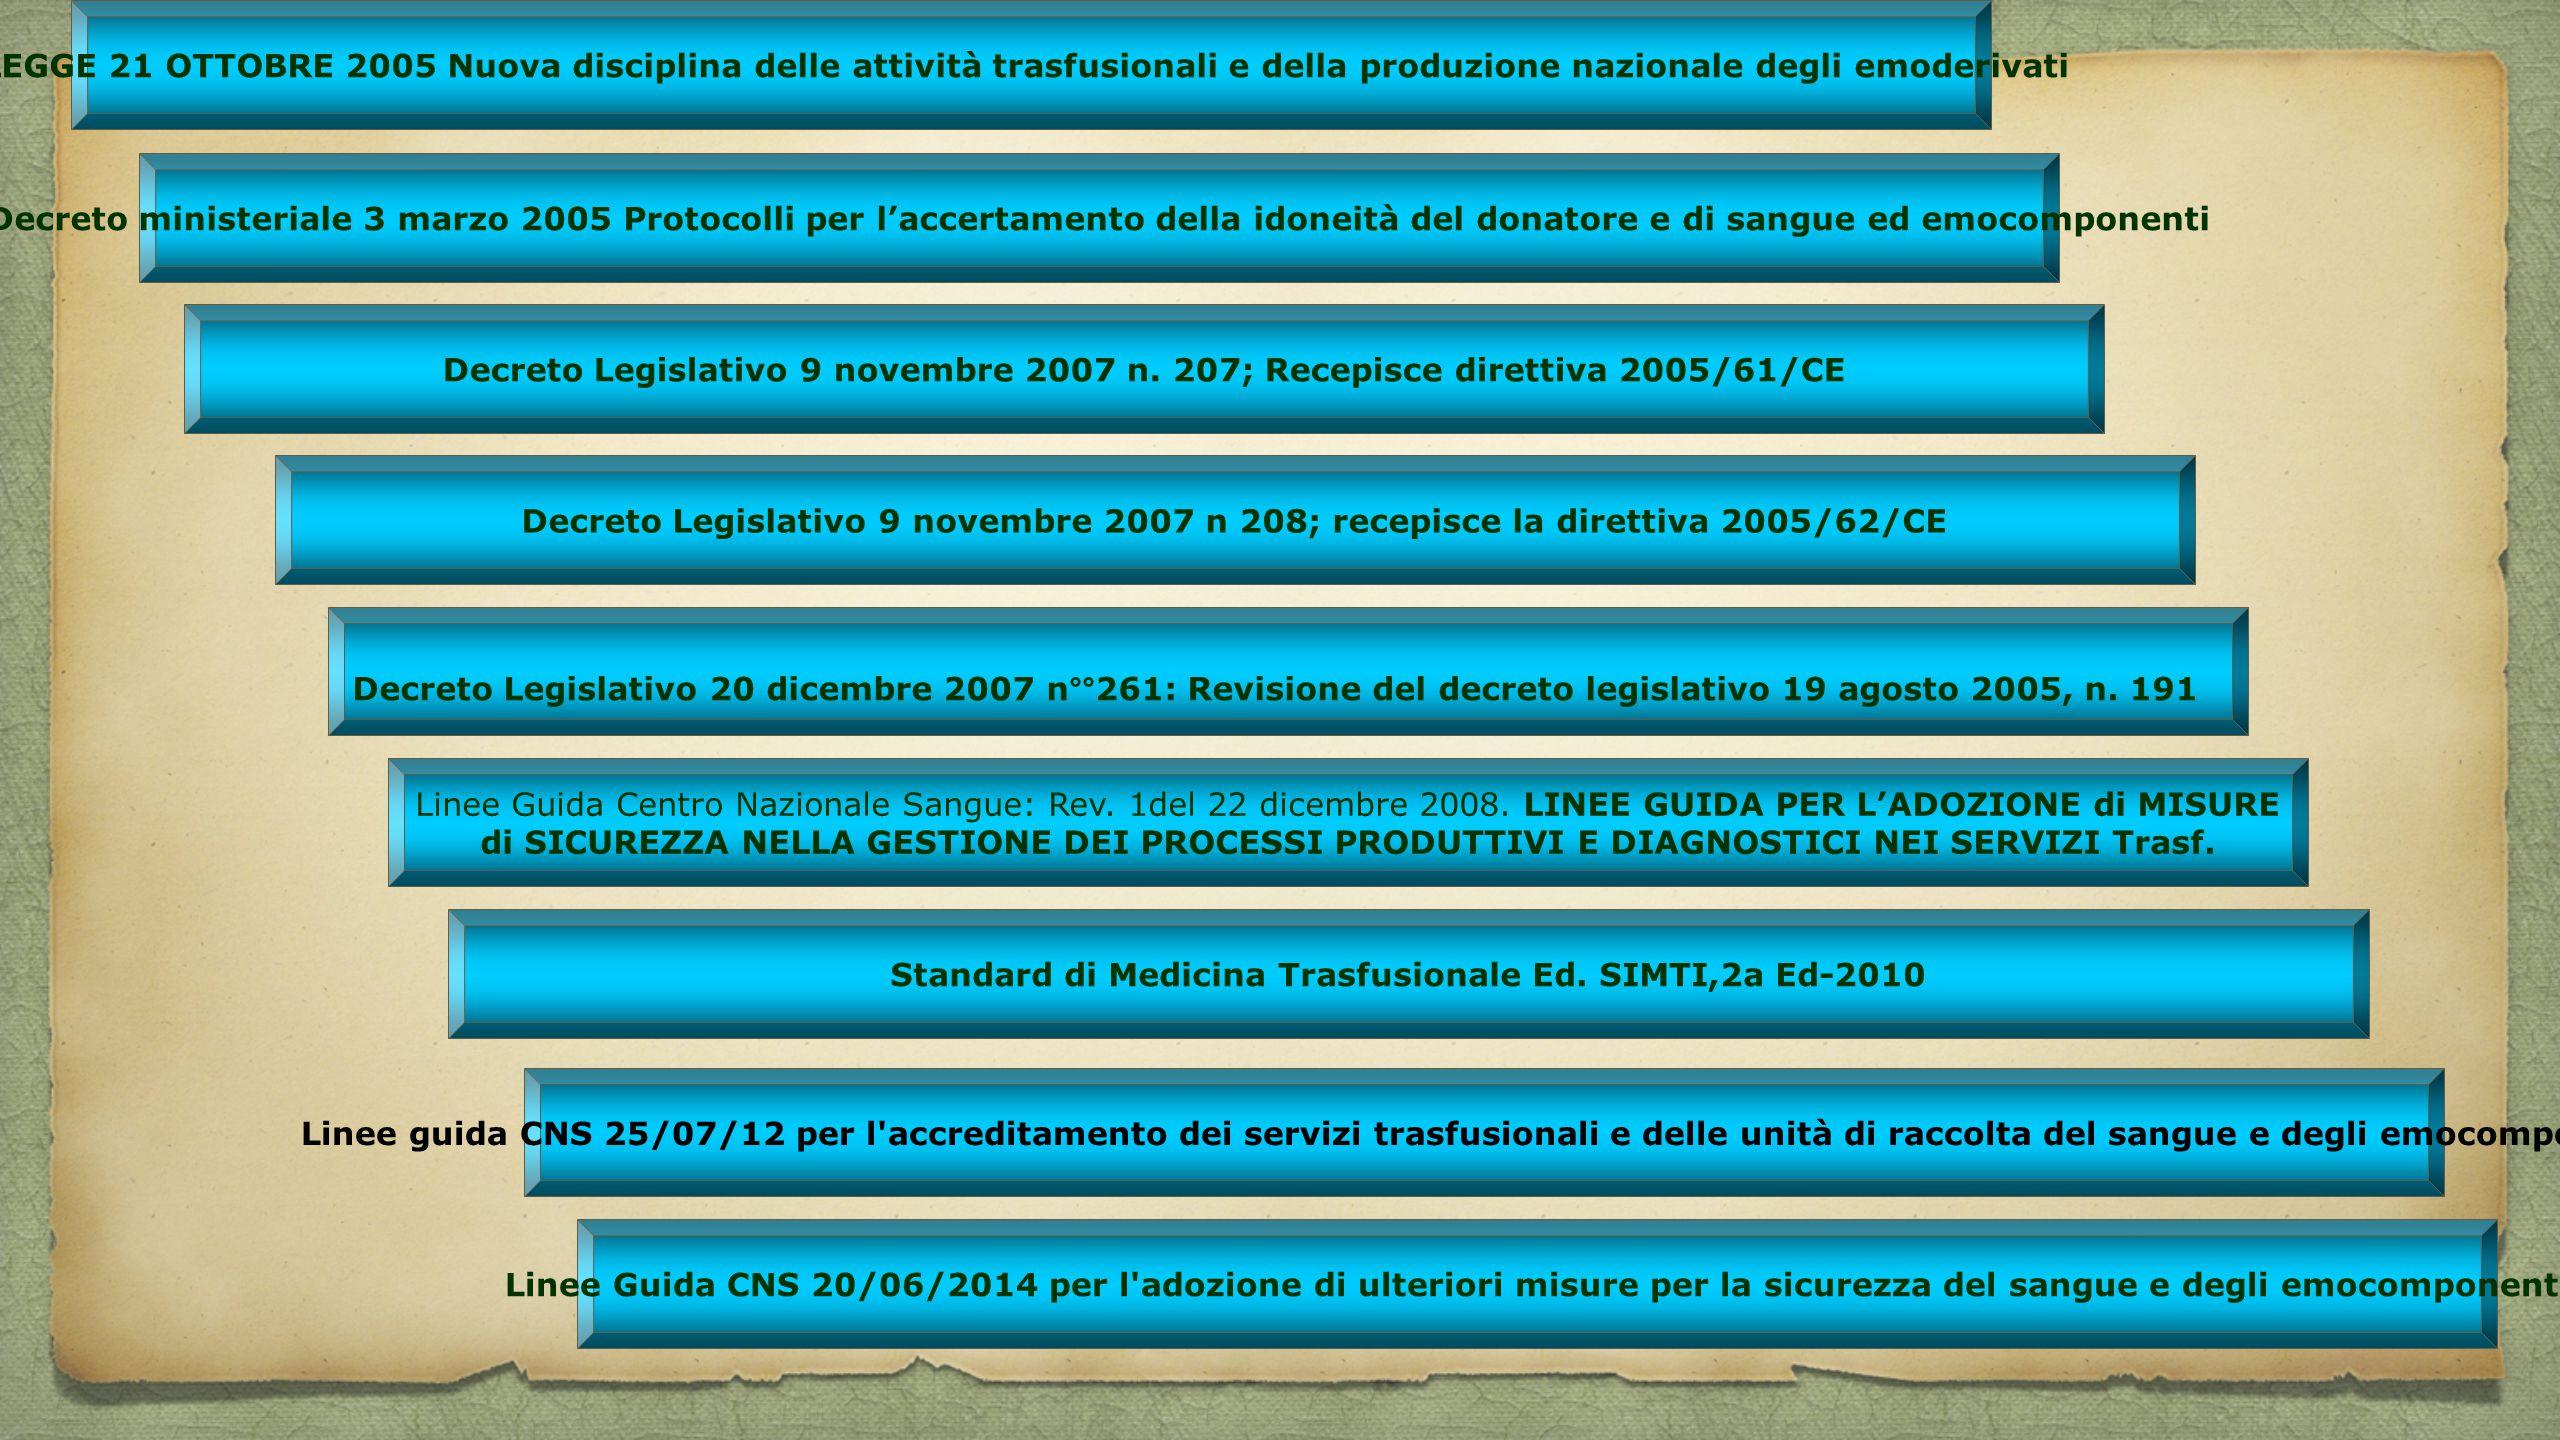 LEGGE 21 OTTOBRE 2005 Nuova disciplina delle attività trasfusionali e della produzione nazionale degli emoderivati Decreto ministeriale 3 marzo 2005 P